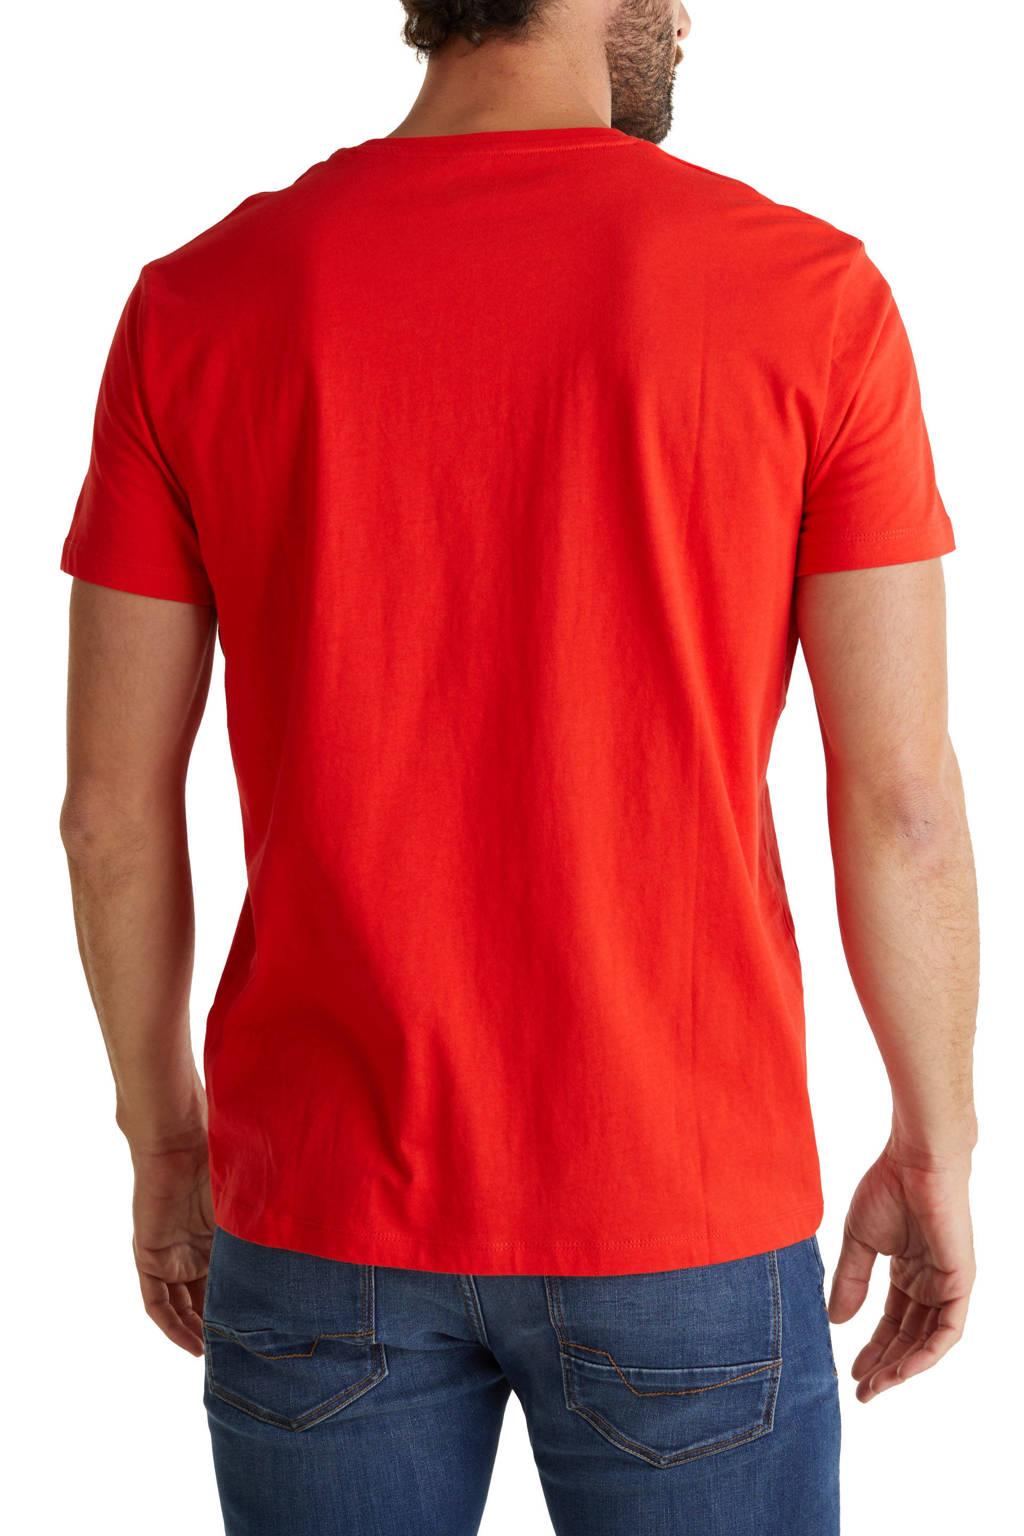 ESPRIT Men Casual T-shirt met printopdruk rood/blauw/wit, Rood/blauw/wit